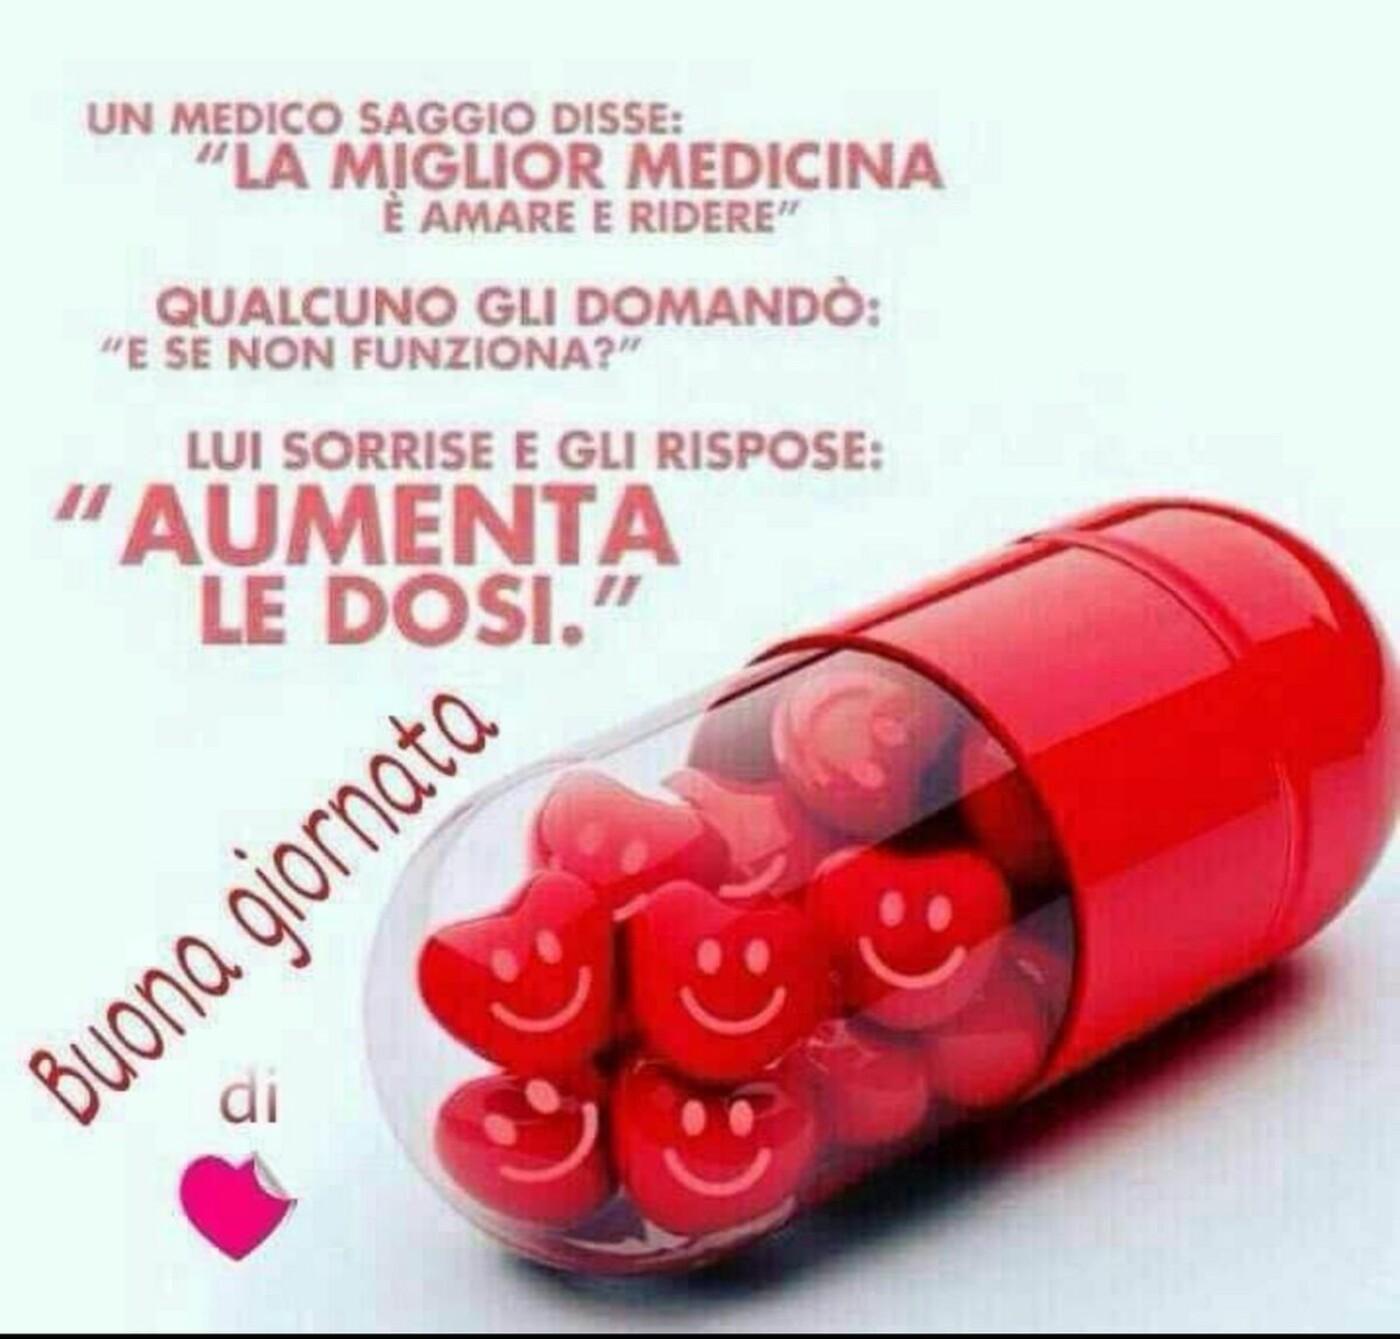 """Un medico saggio disse:"""" la miglior medicina è amare e ridere"""". Buongiorno"""